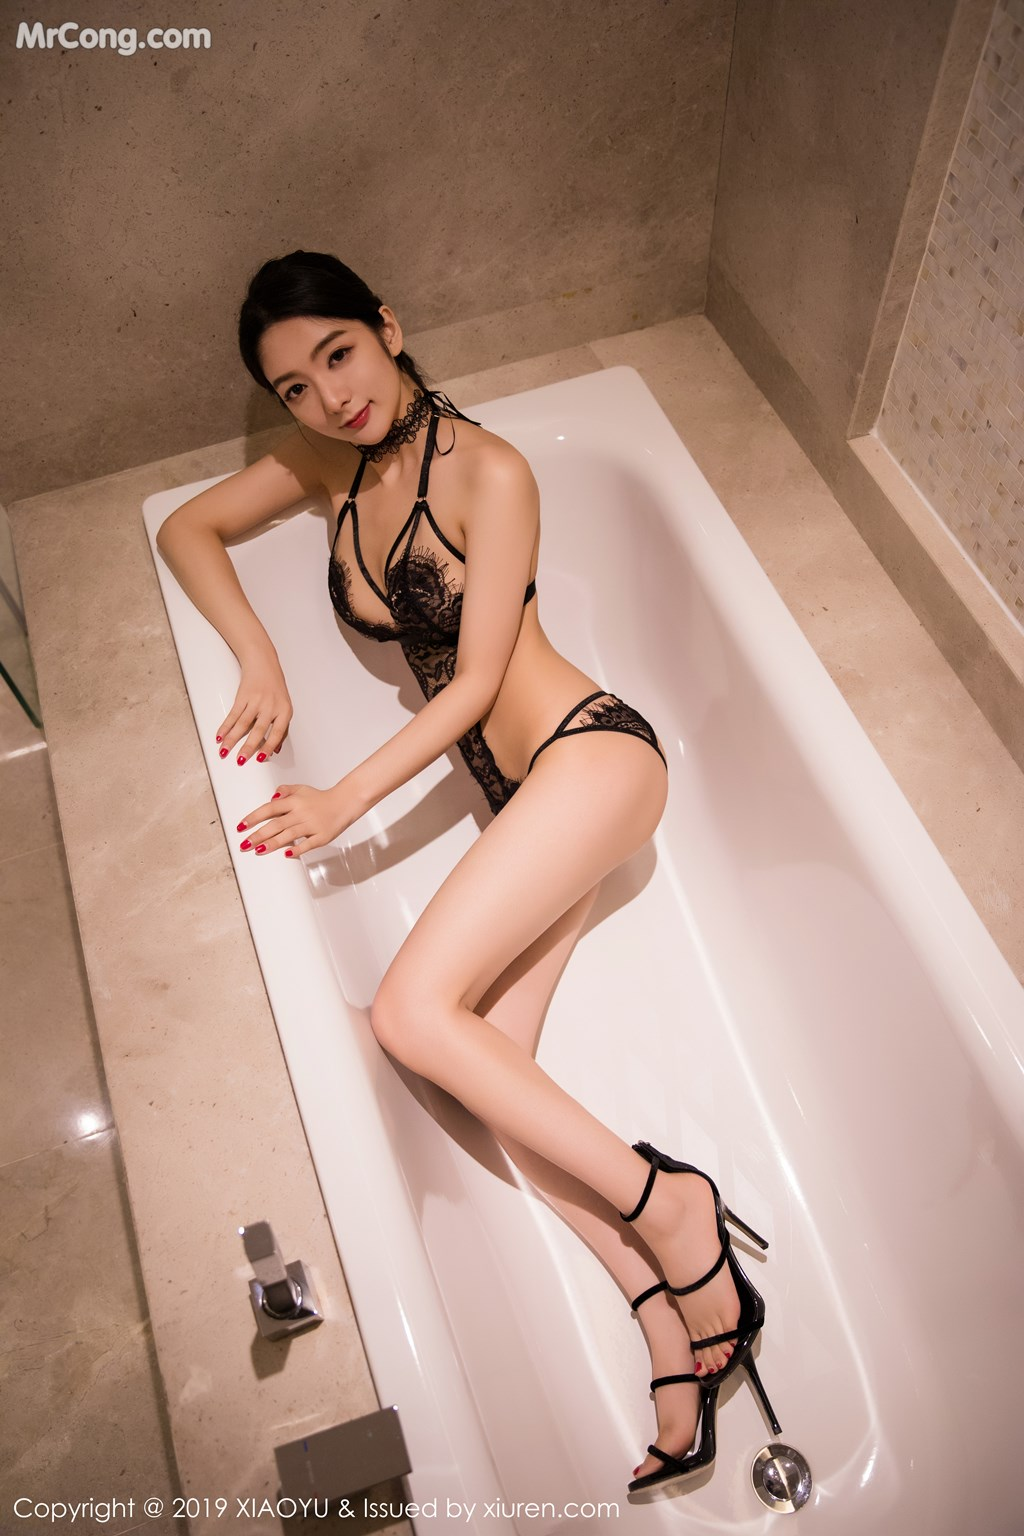 Image XiaoYu-Vol.041-Xiao-Reba-Angela-MrCong.com-020 in post XiaoYu Vol.041: Xiao Reba (Angela喜欢猫) (43 ảnh)